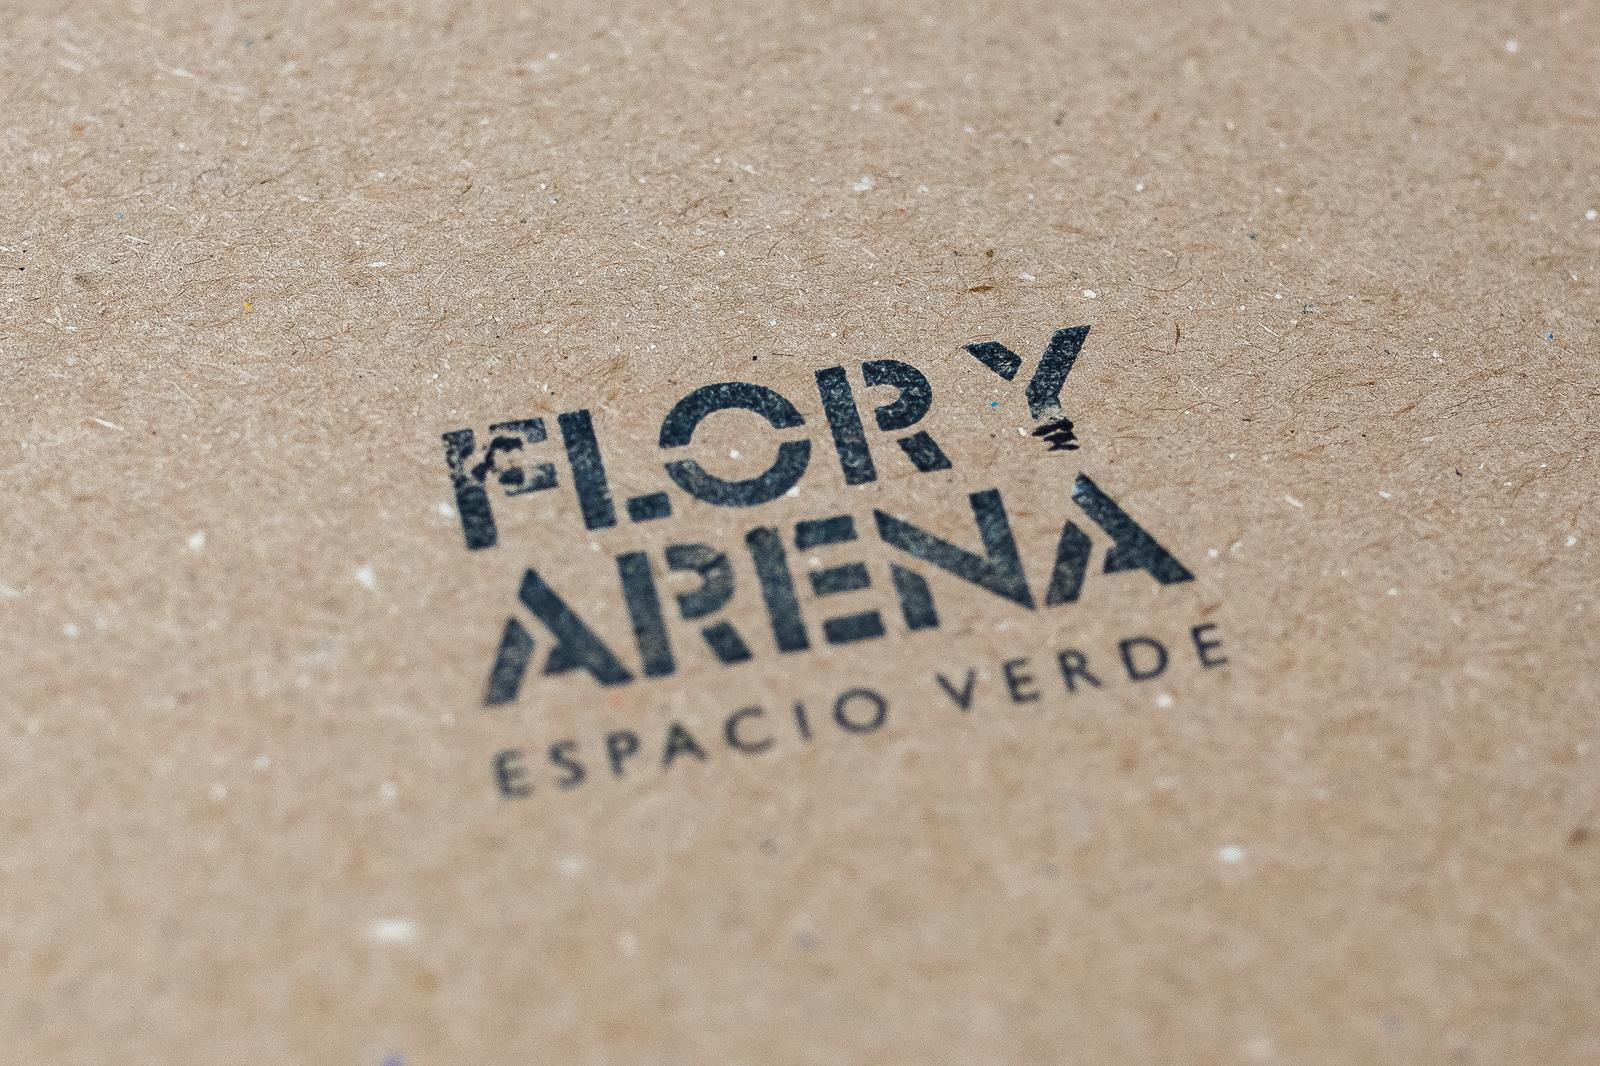 Pedro Cabañas - Design - FLOR Y ARENA